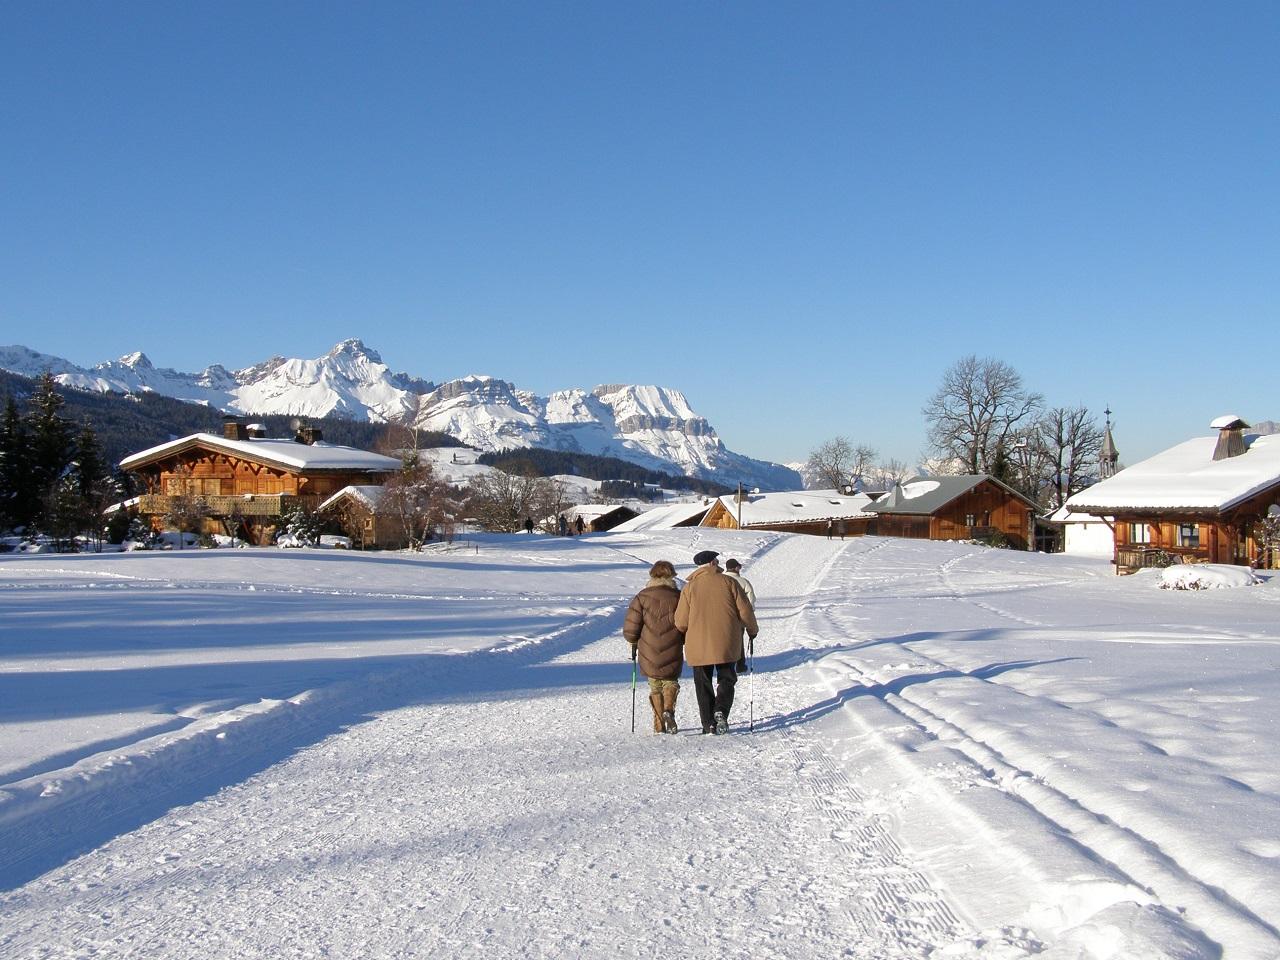 Senioren Paar geht auf einer verschneiten Straße vor Bergpanorama entlang